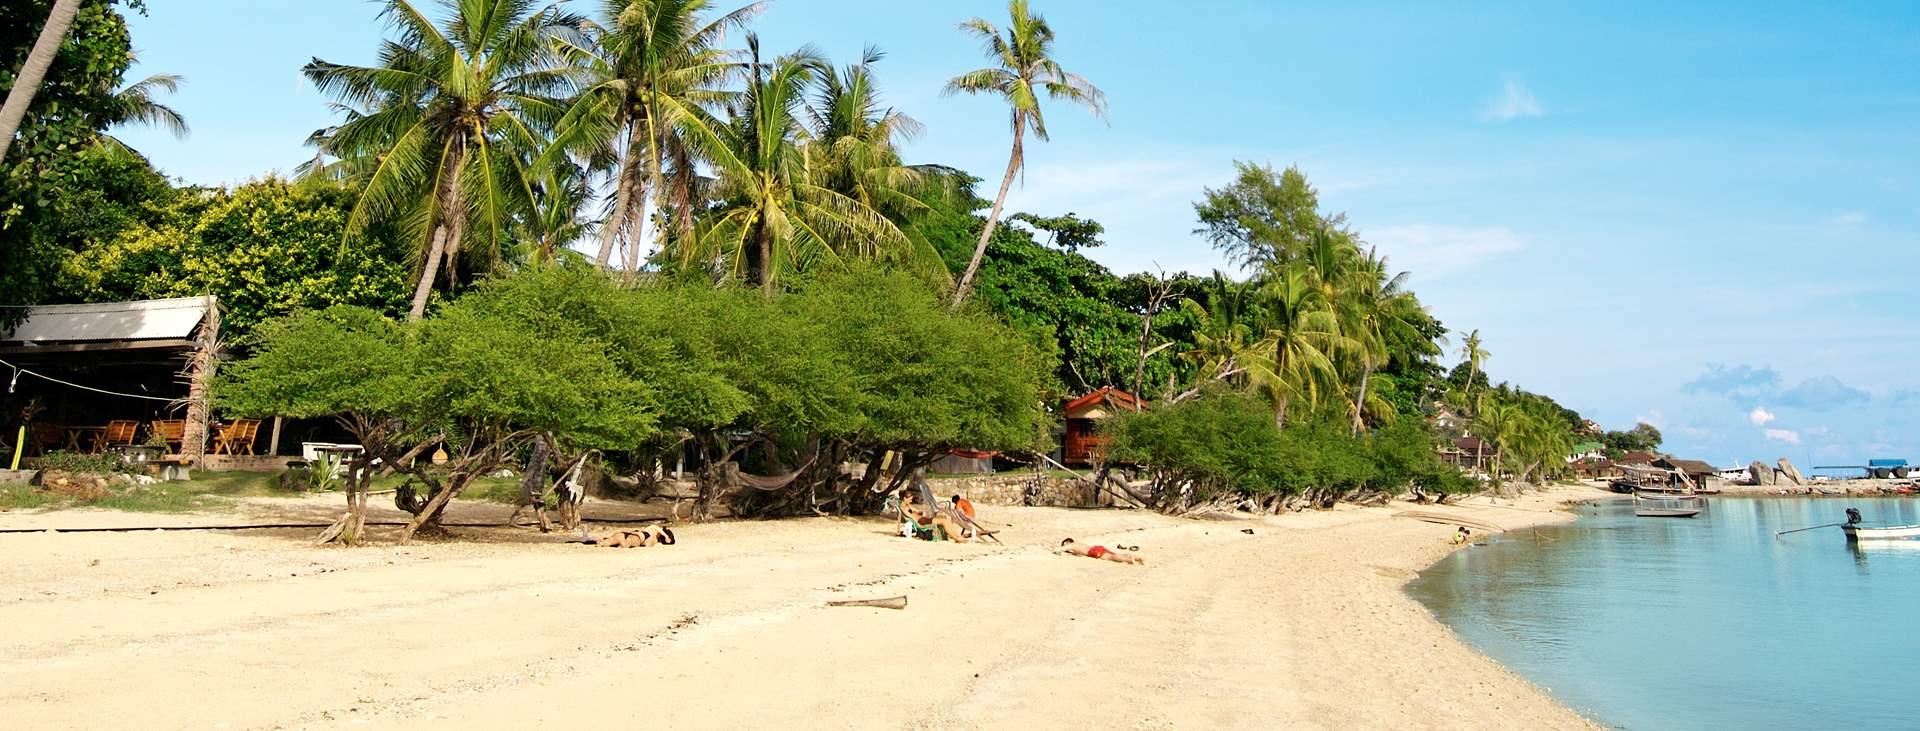 Bestill en reise med Ving til Koh Phangan